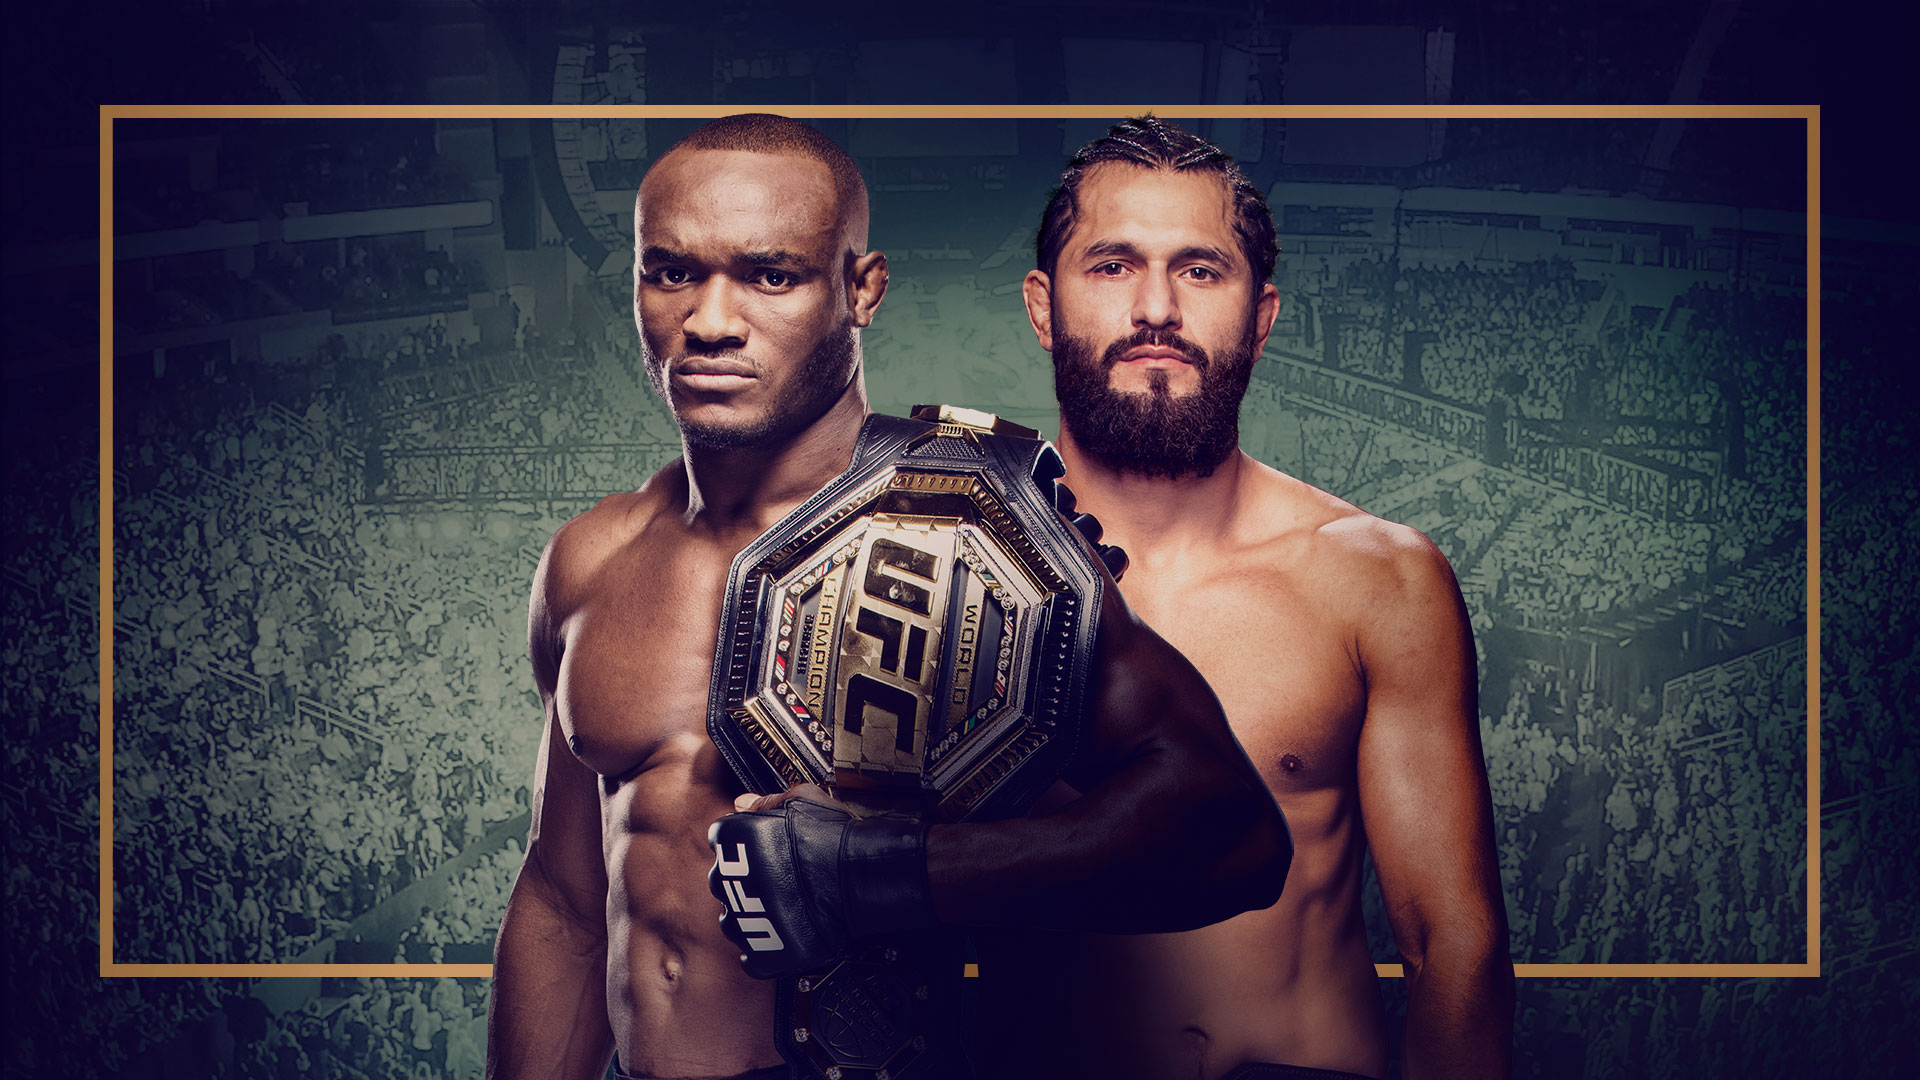 UFC 261 KAMARU USMAN VS JORGE MASVIDAL 2 HERO